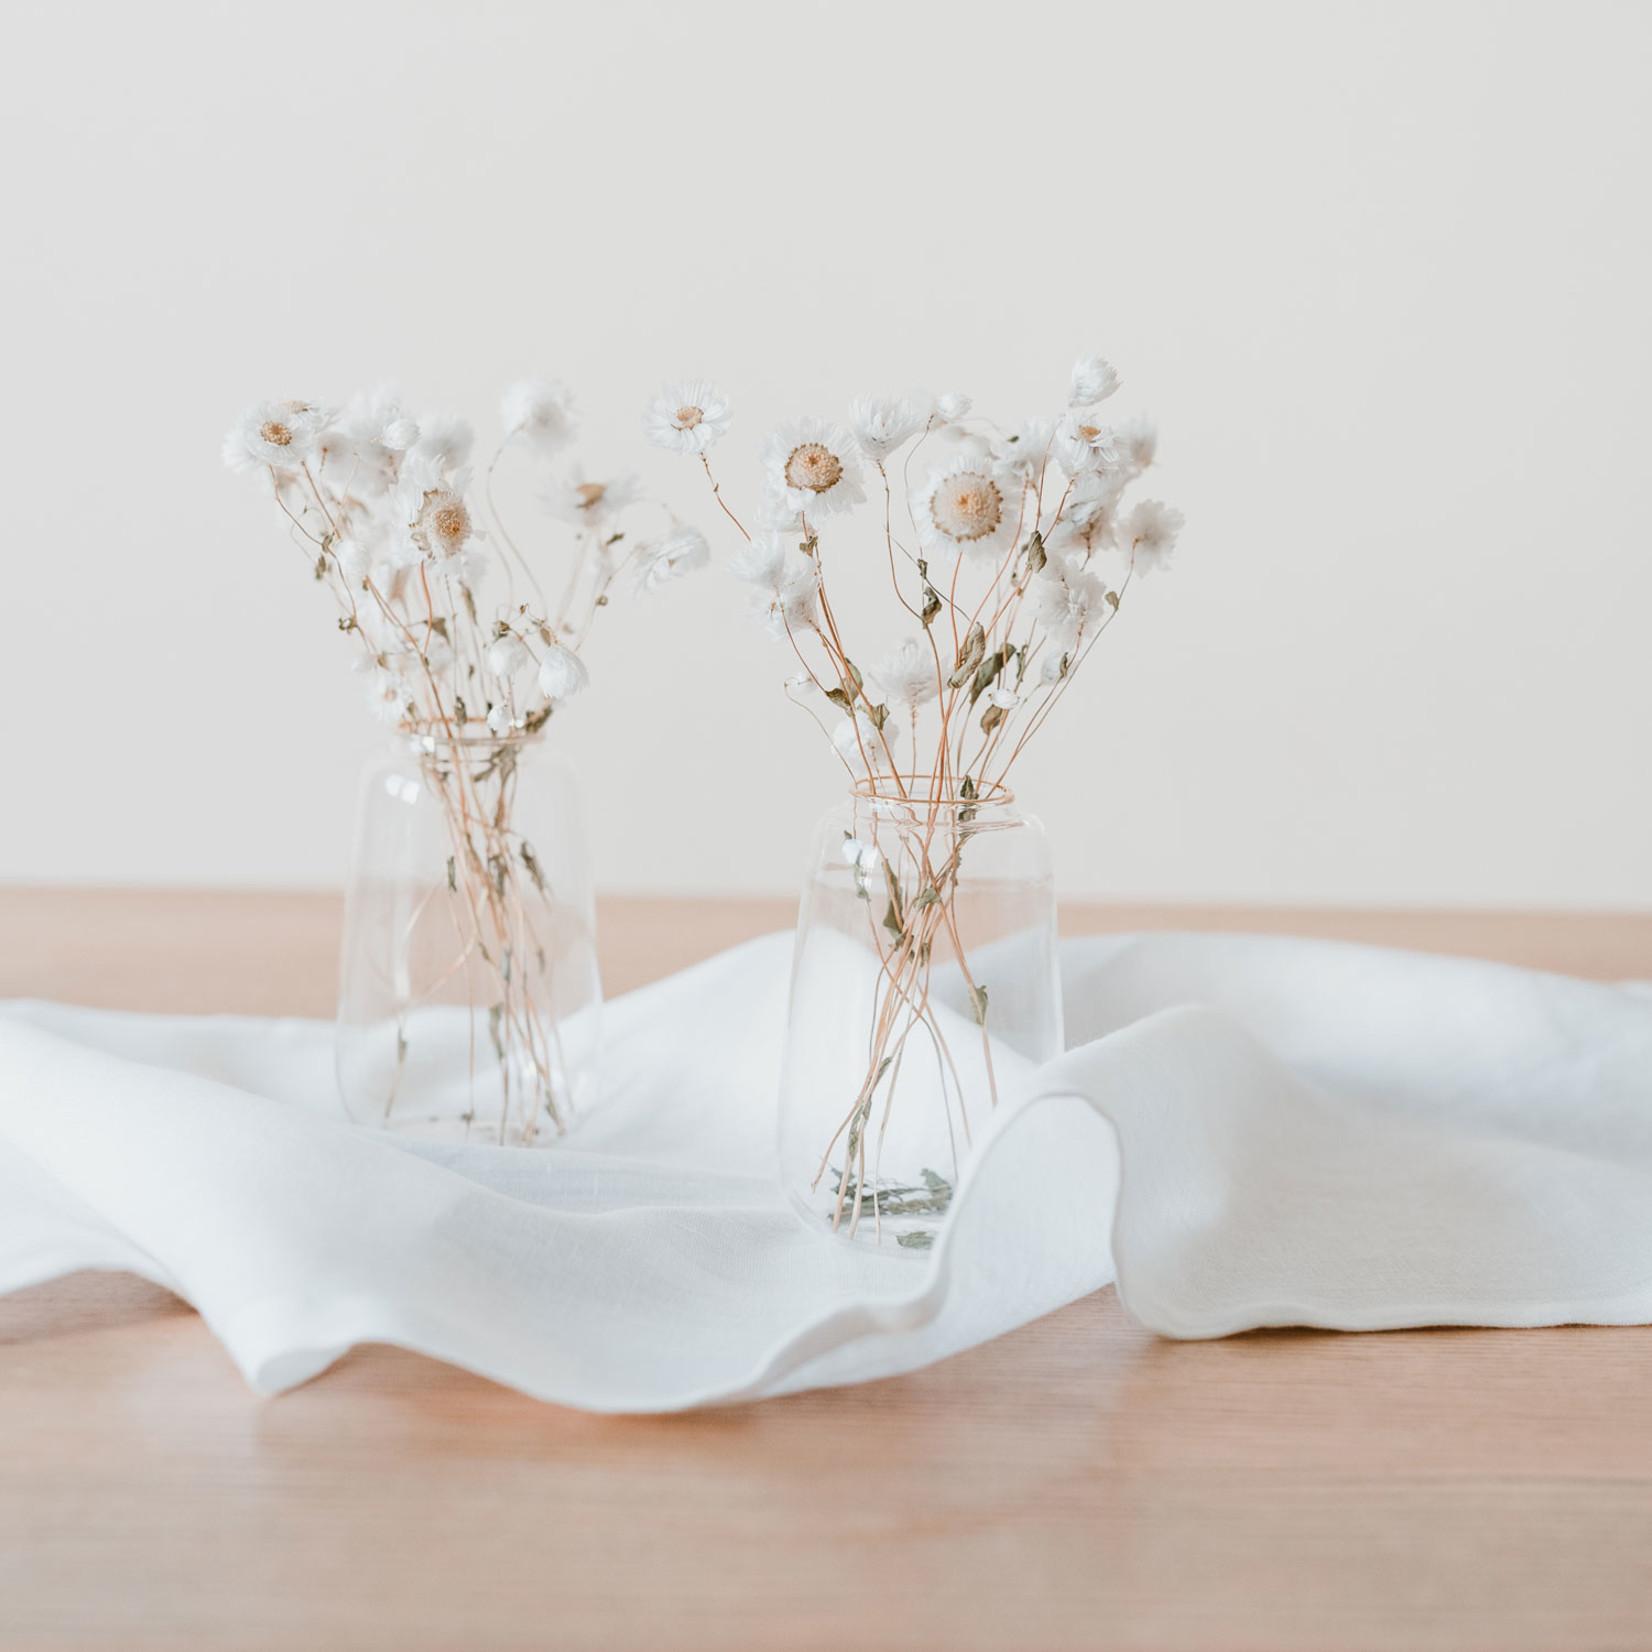 Eulenschnitt Leinen Tischläufer Weiss